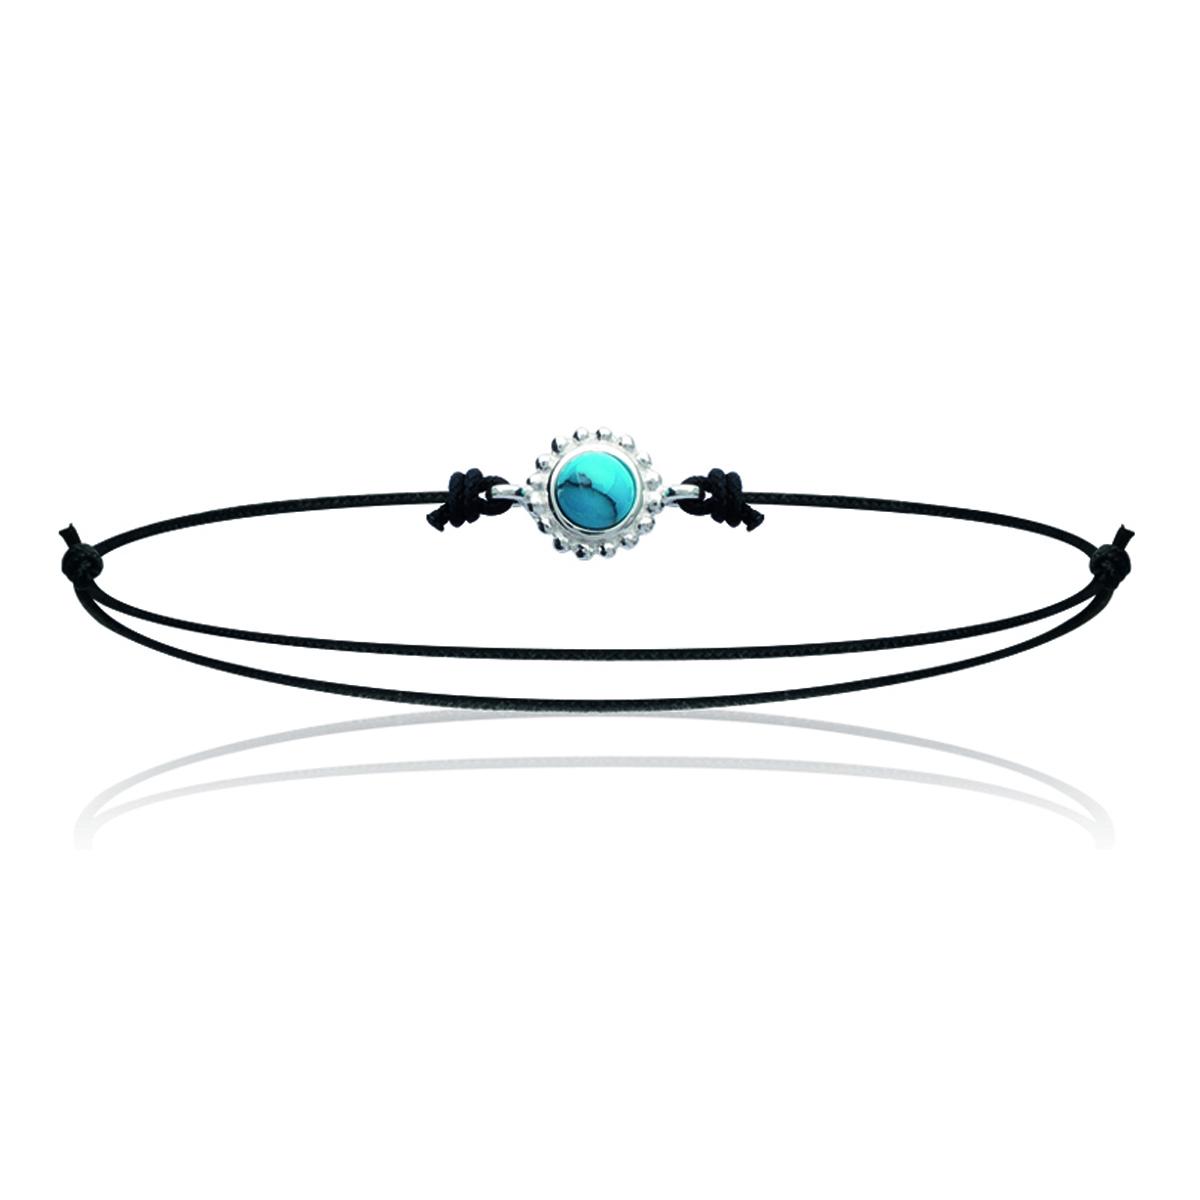 Bracelet Argent \'Mineralia\' turquoise argenté - 7 mm - [K5174]